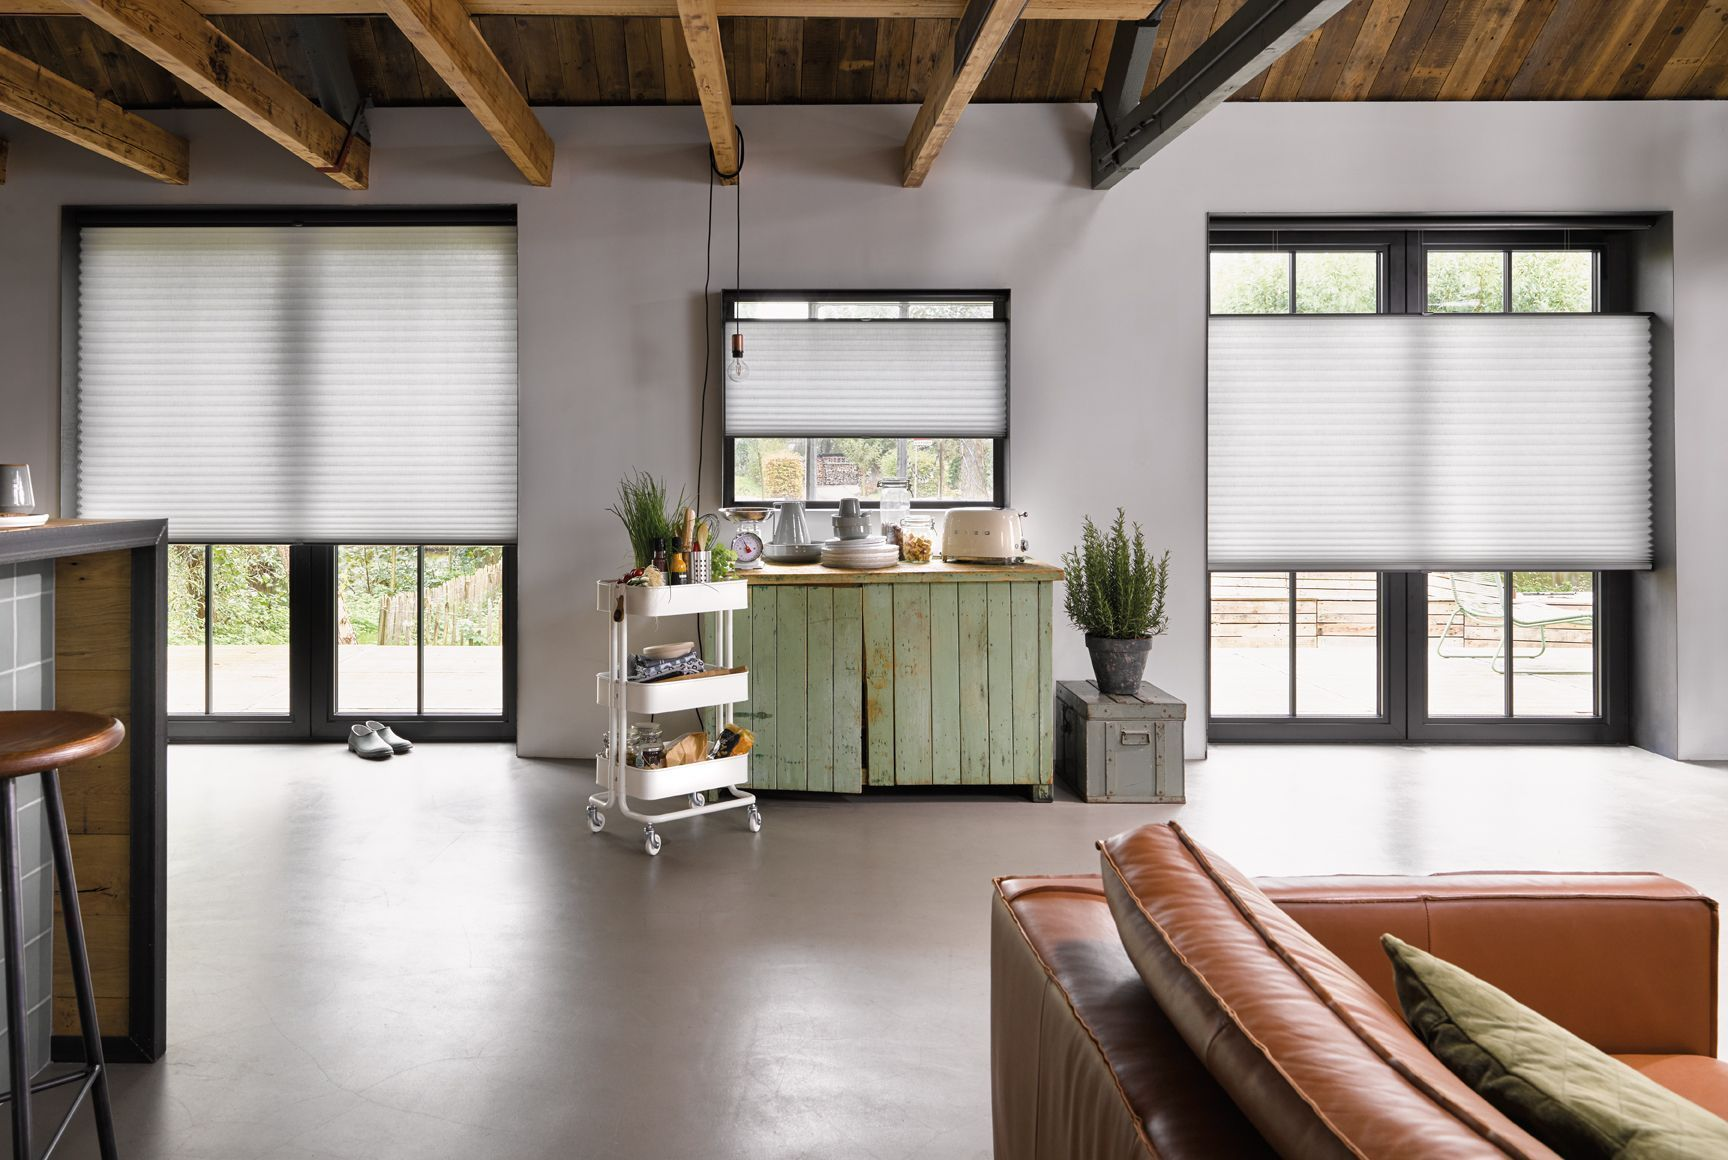 Kitchen window ideas modern  contemporary kitchen home decor inspiration kitchen blinds modern